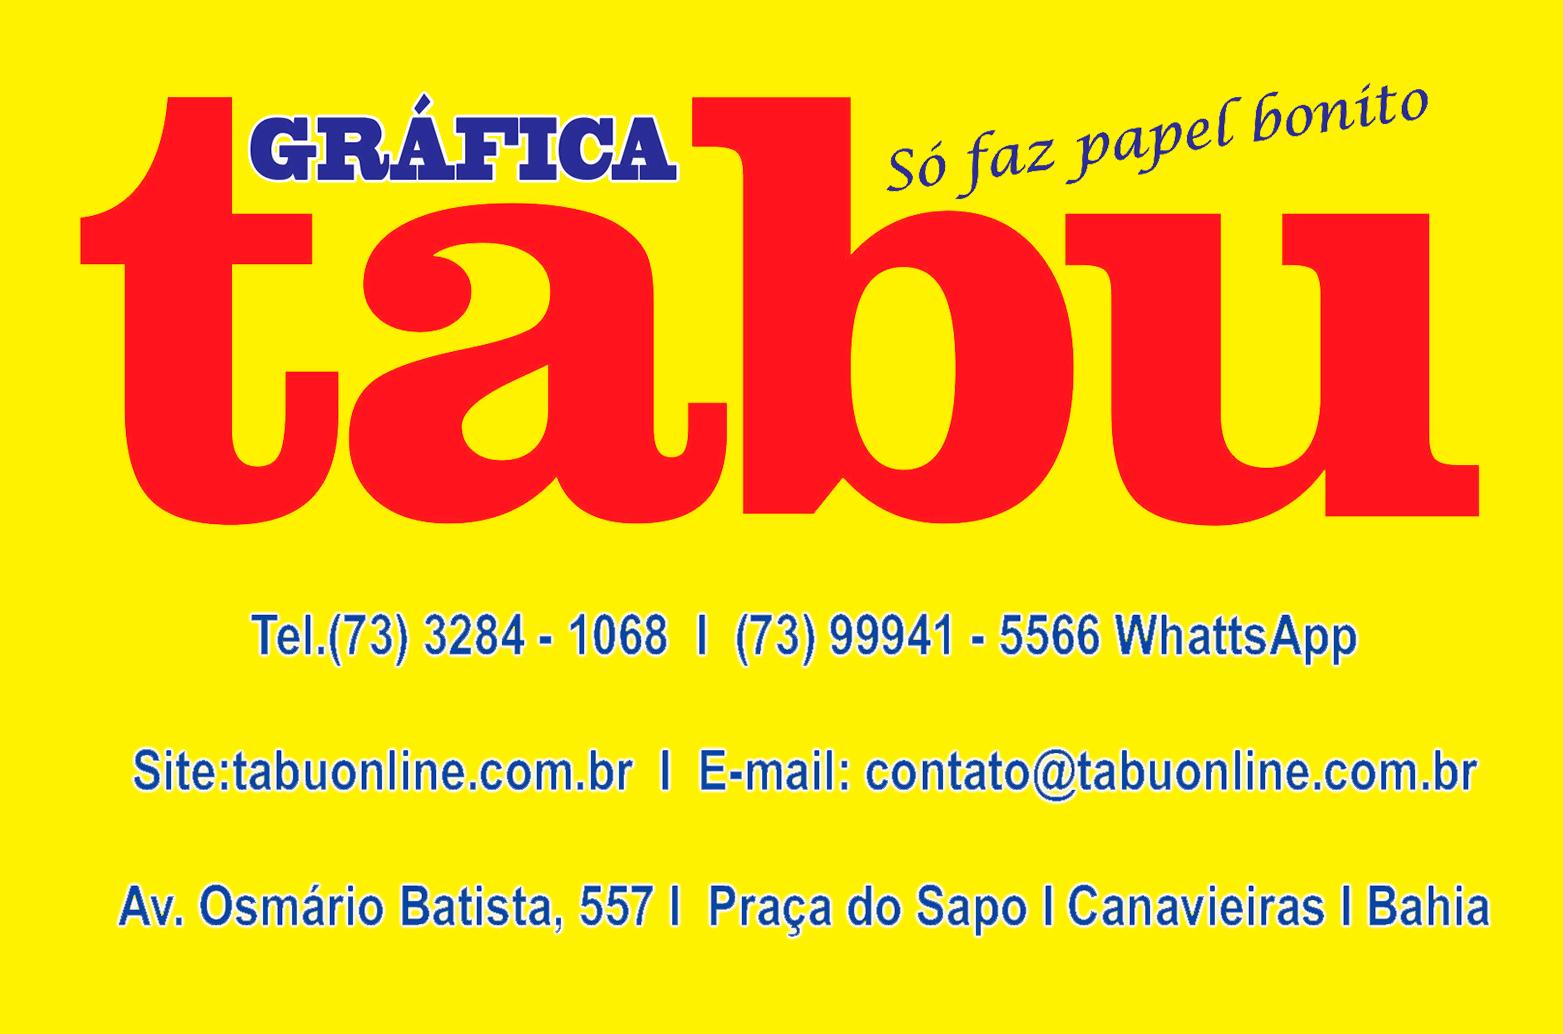 GRÁFICA TABU- JORNAL TABU